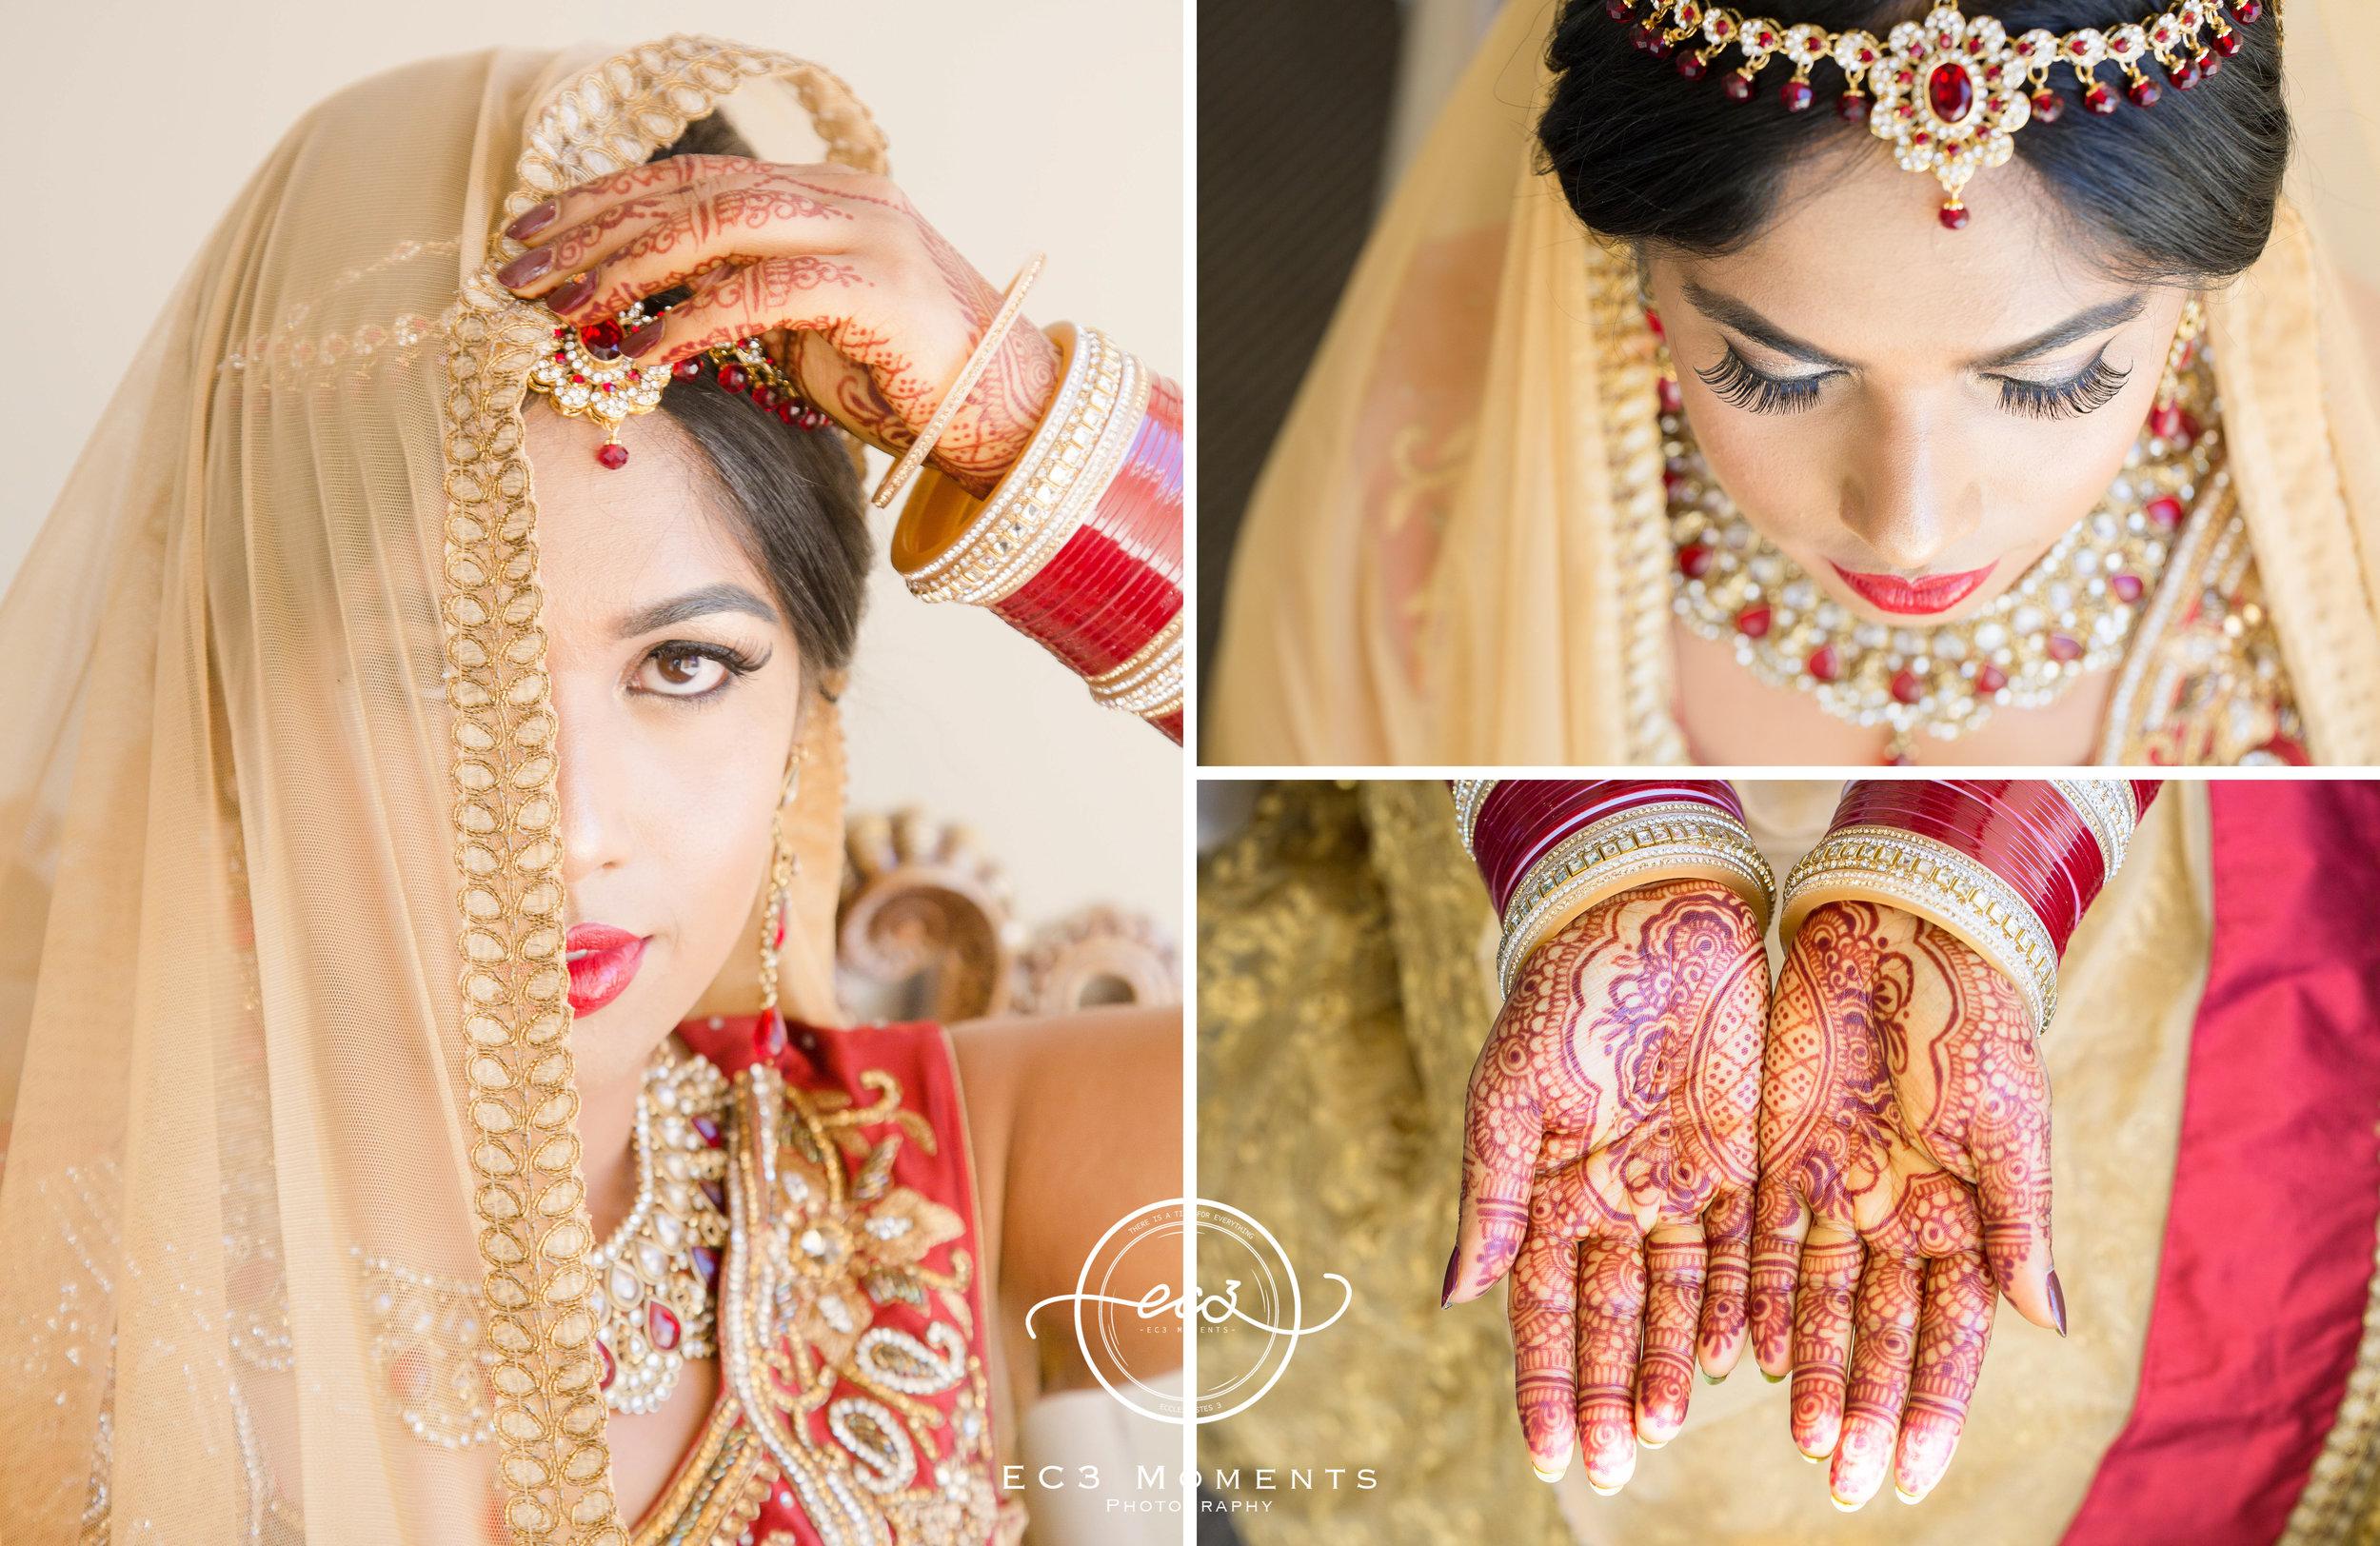 Dolly & Paul Sagan Hindu Wedding Day One 1.jpg